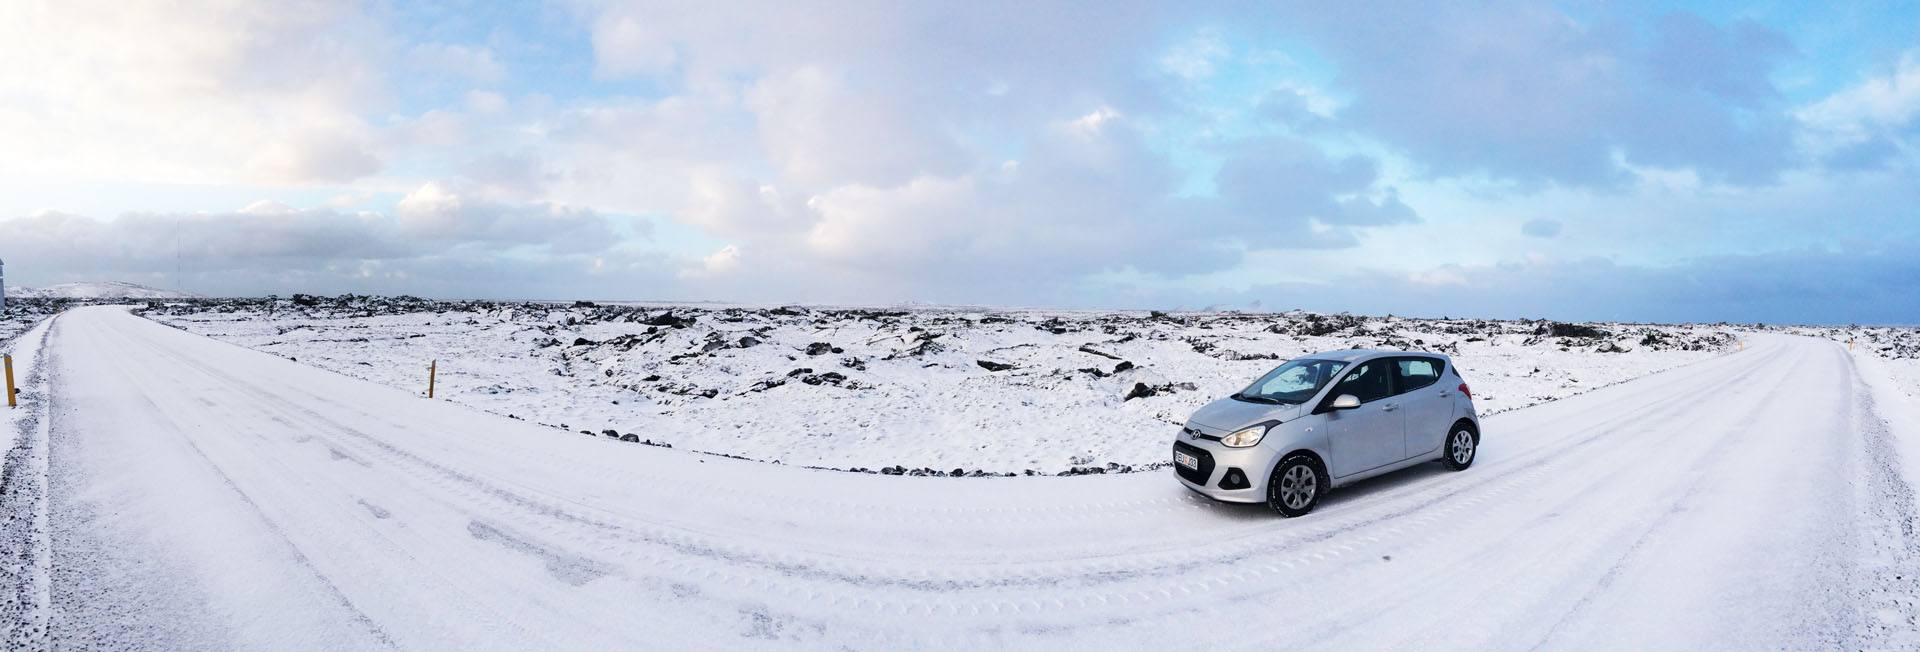 Sneeuwkettingen voor de Hyundai i10